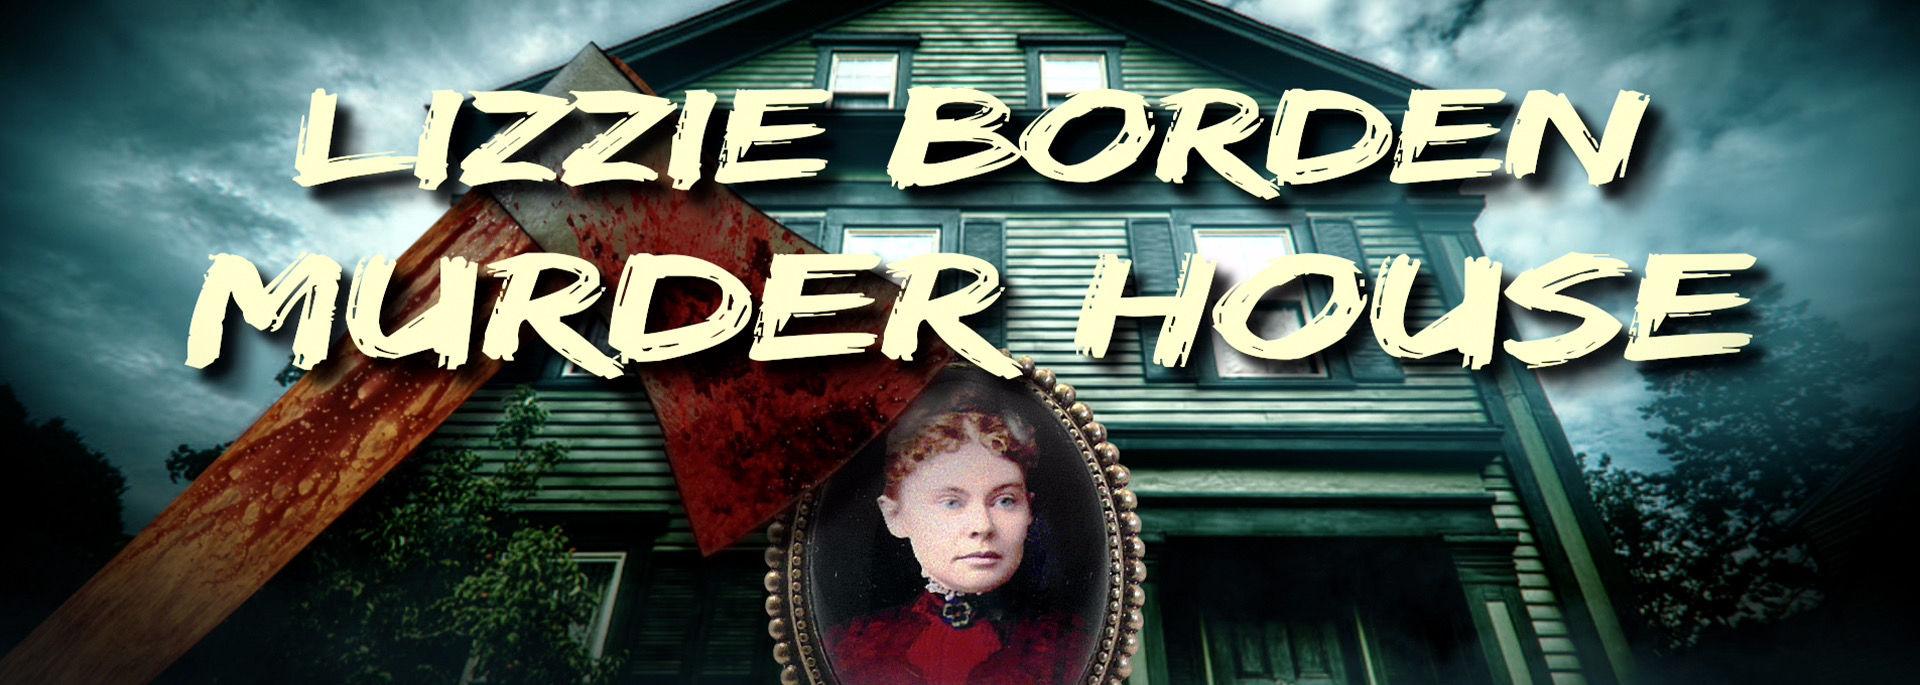 LIZZIE BORDEN MURDER HOUSE channel